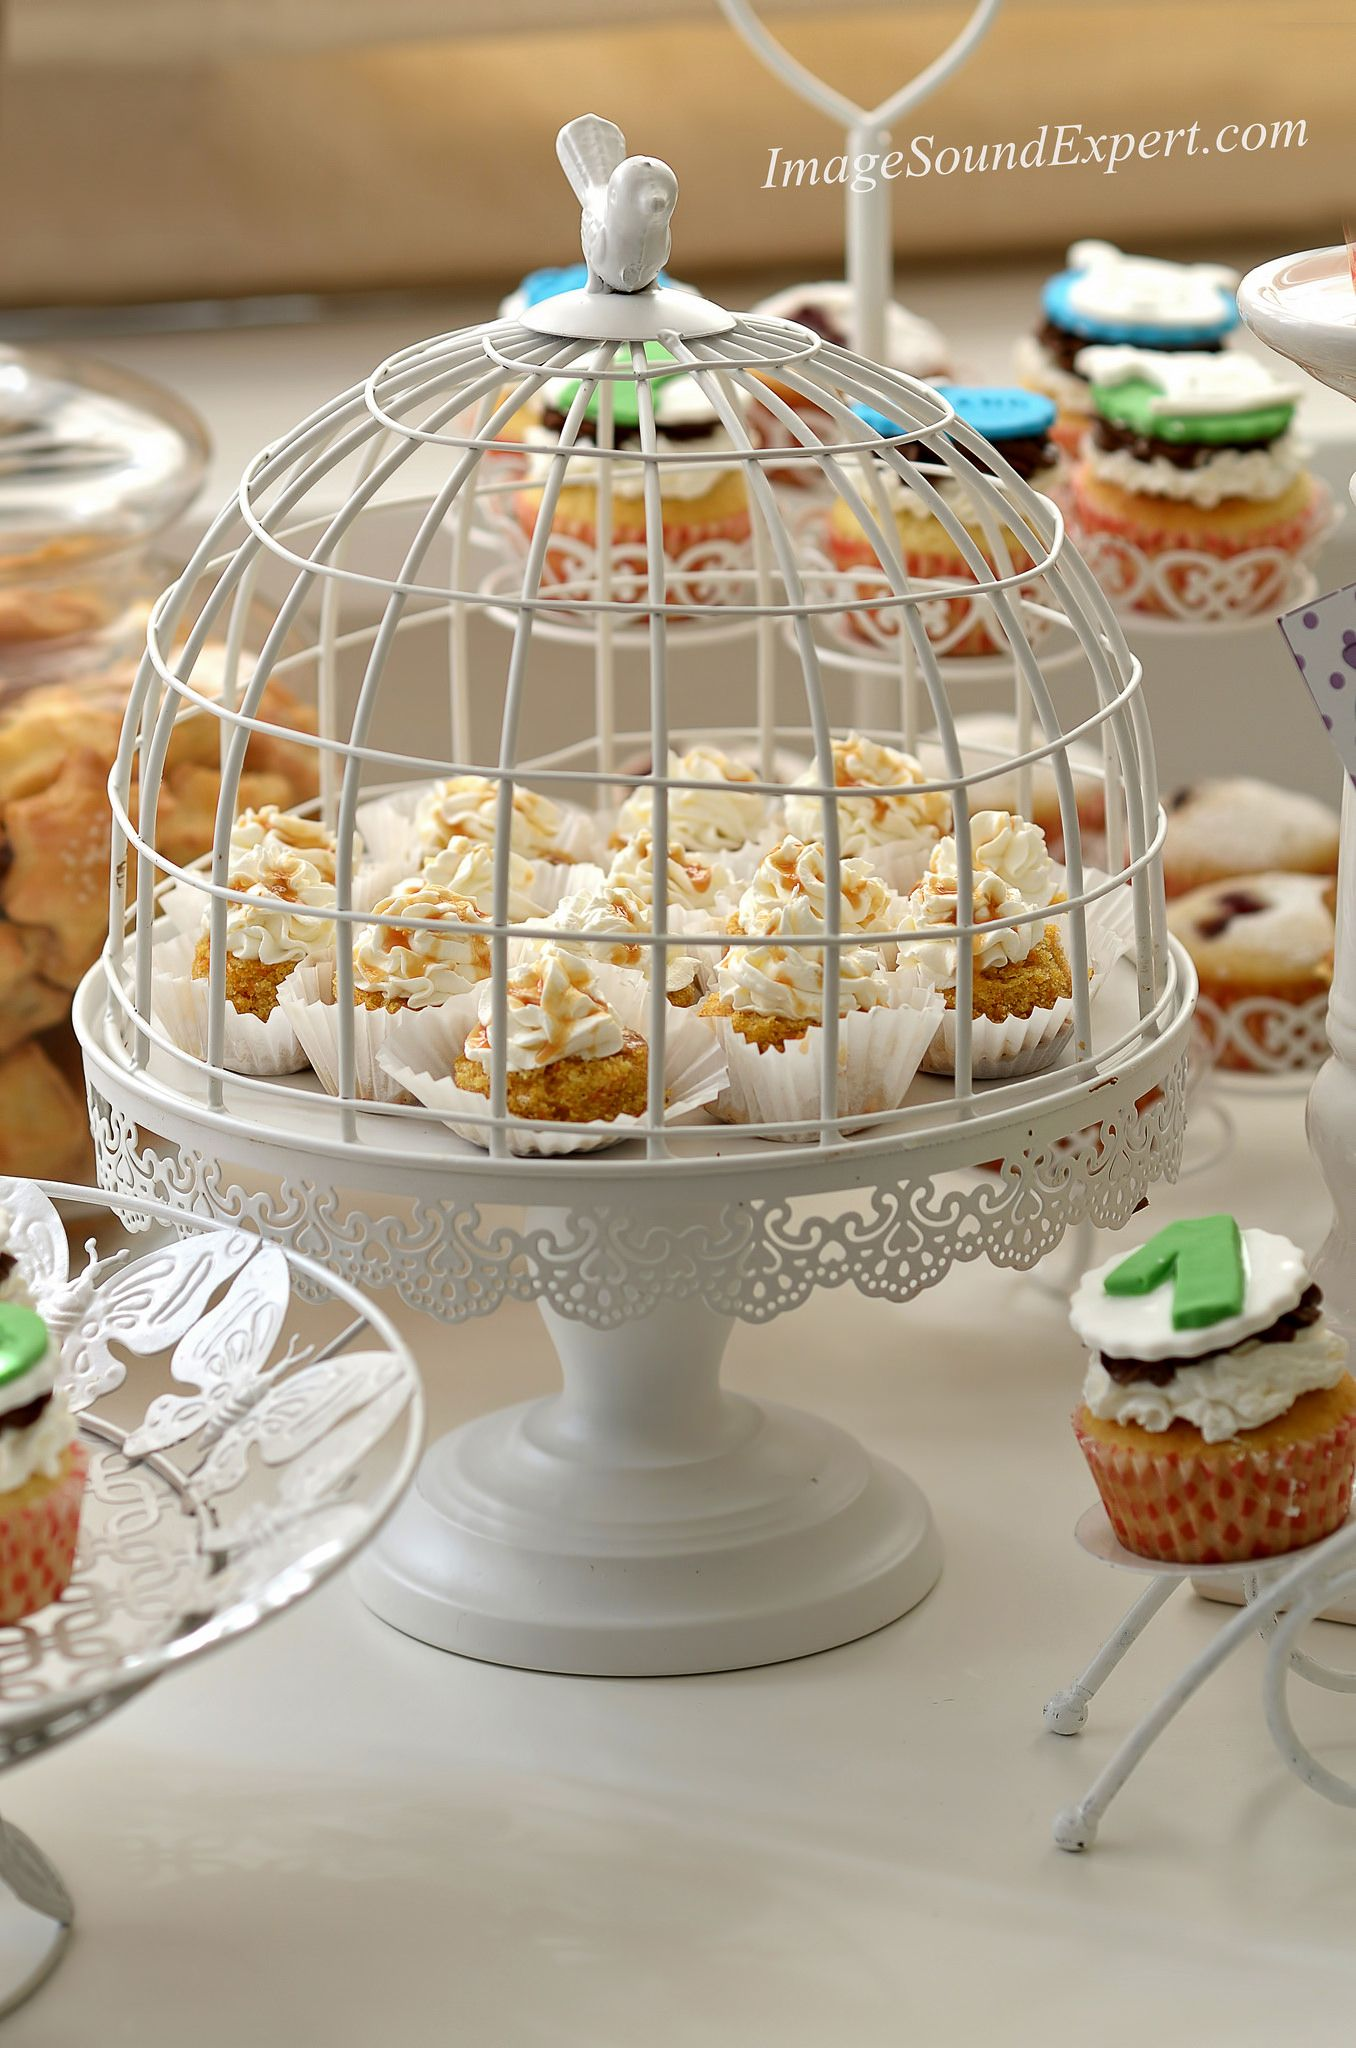 https://flic.kr/p/uDqPuE | 0361 | 1 years old, Die 1 Jahre alt, 1 an, 1 ans, cupcake, aniversary cupcake, briose, petit gâteau, kleiner kuchen,